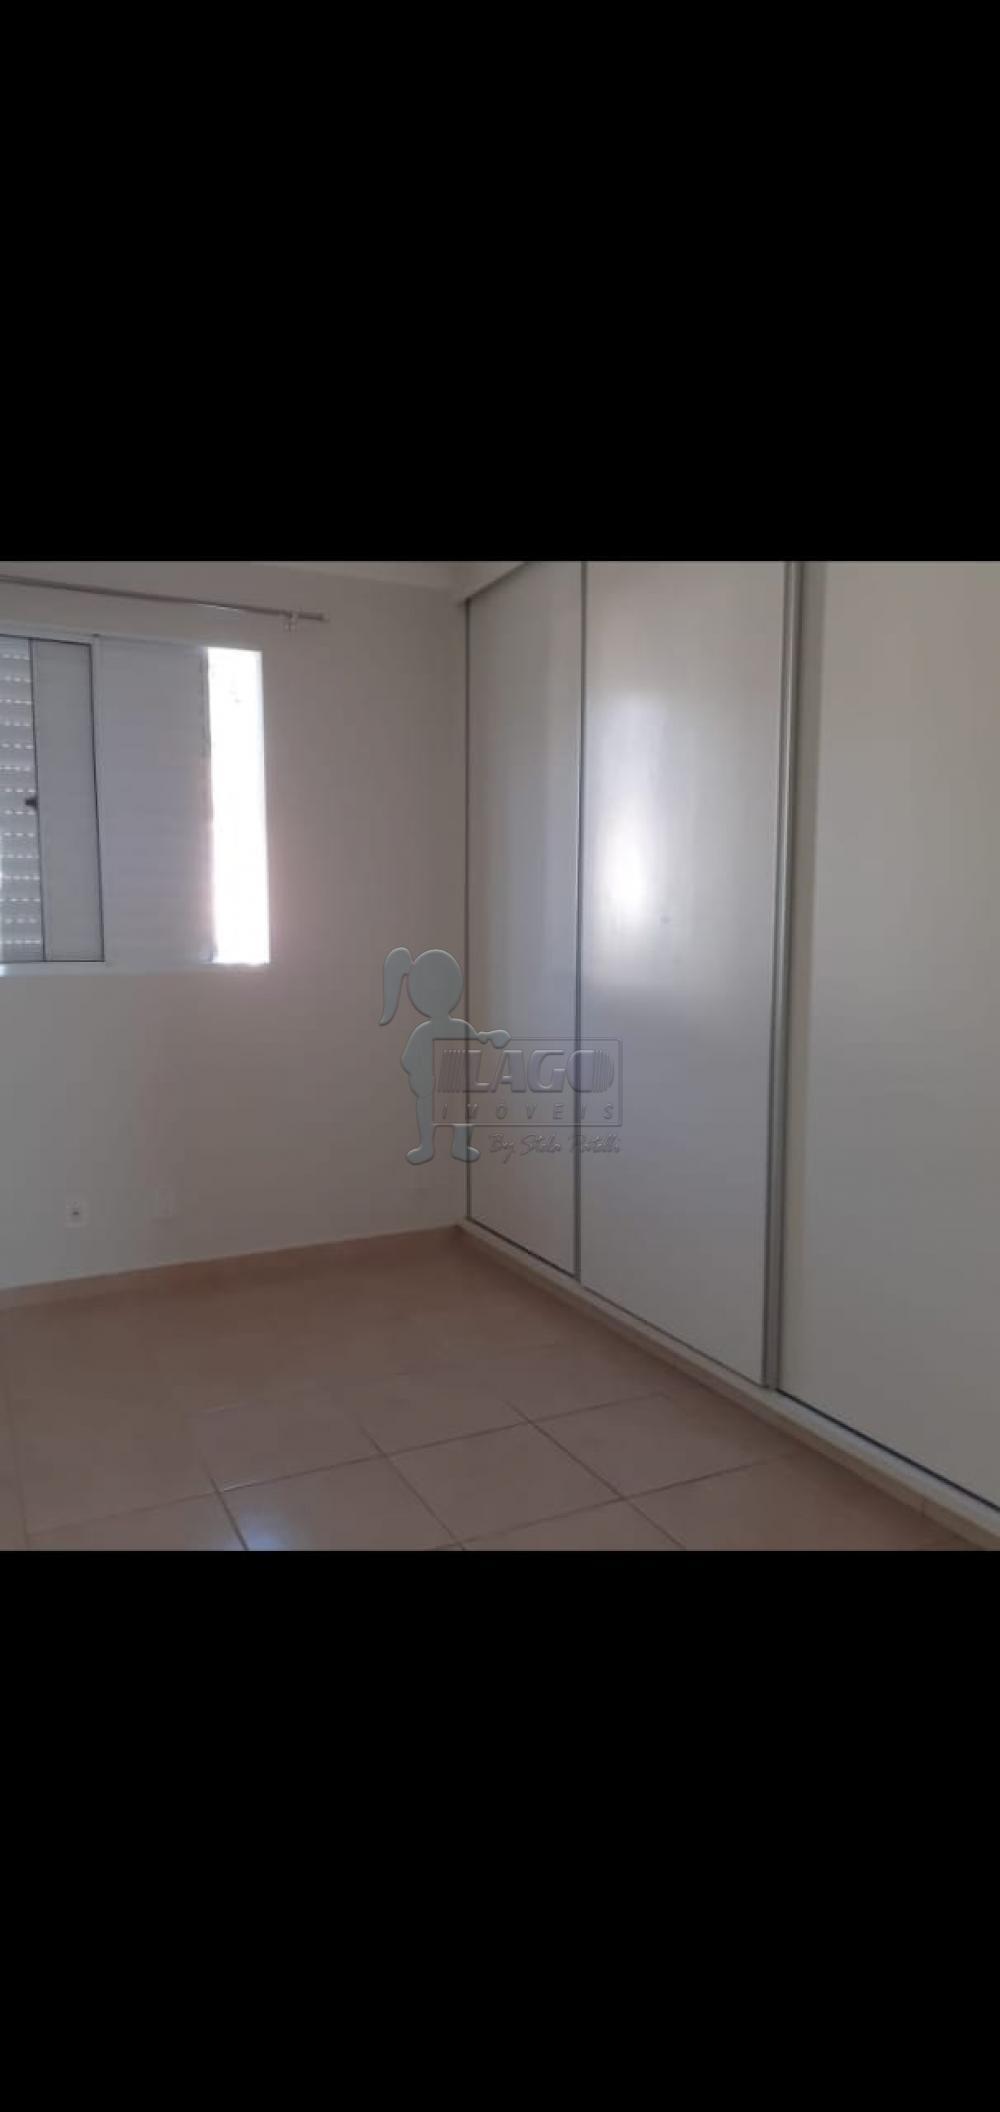 Comprar Casas / Condomínio em Ribeirão Preto apenas R$ 480.000,00 - Foto 36